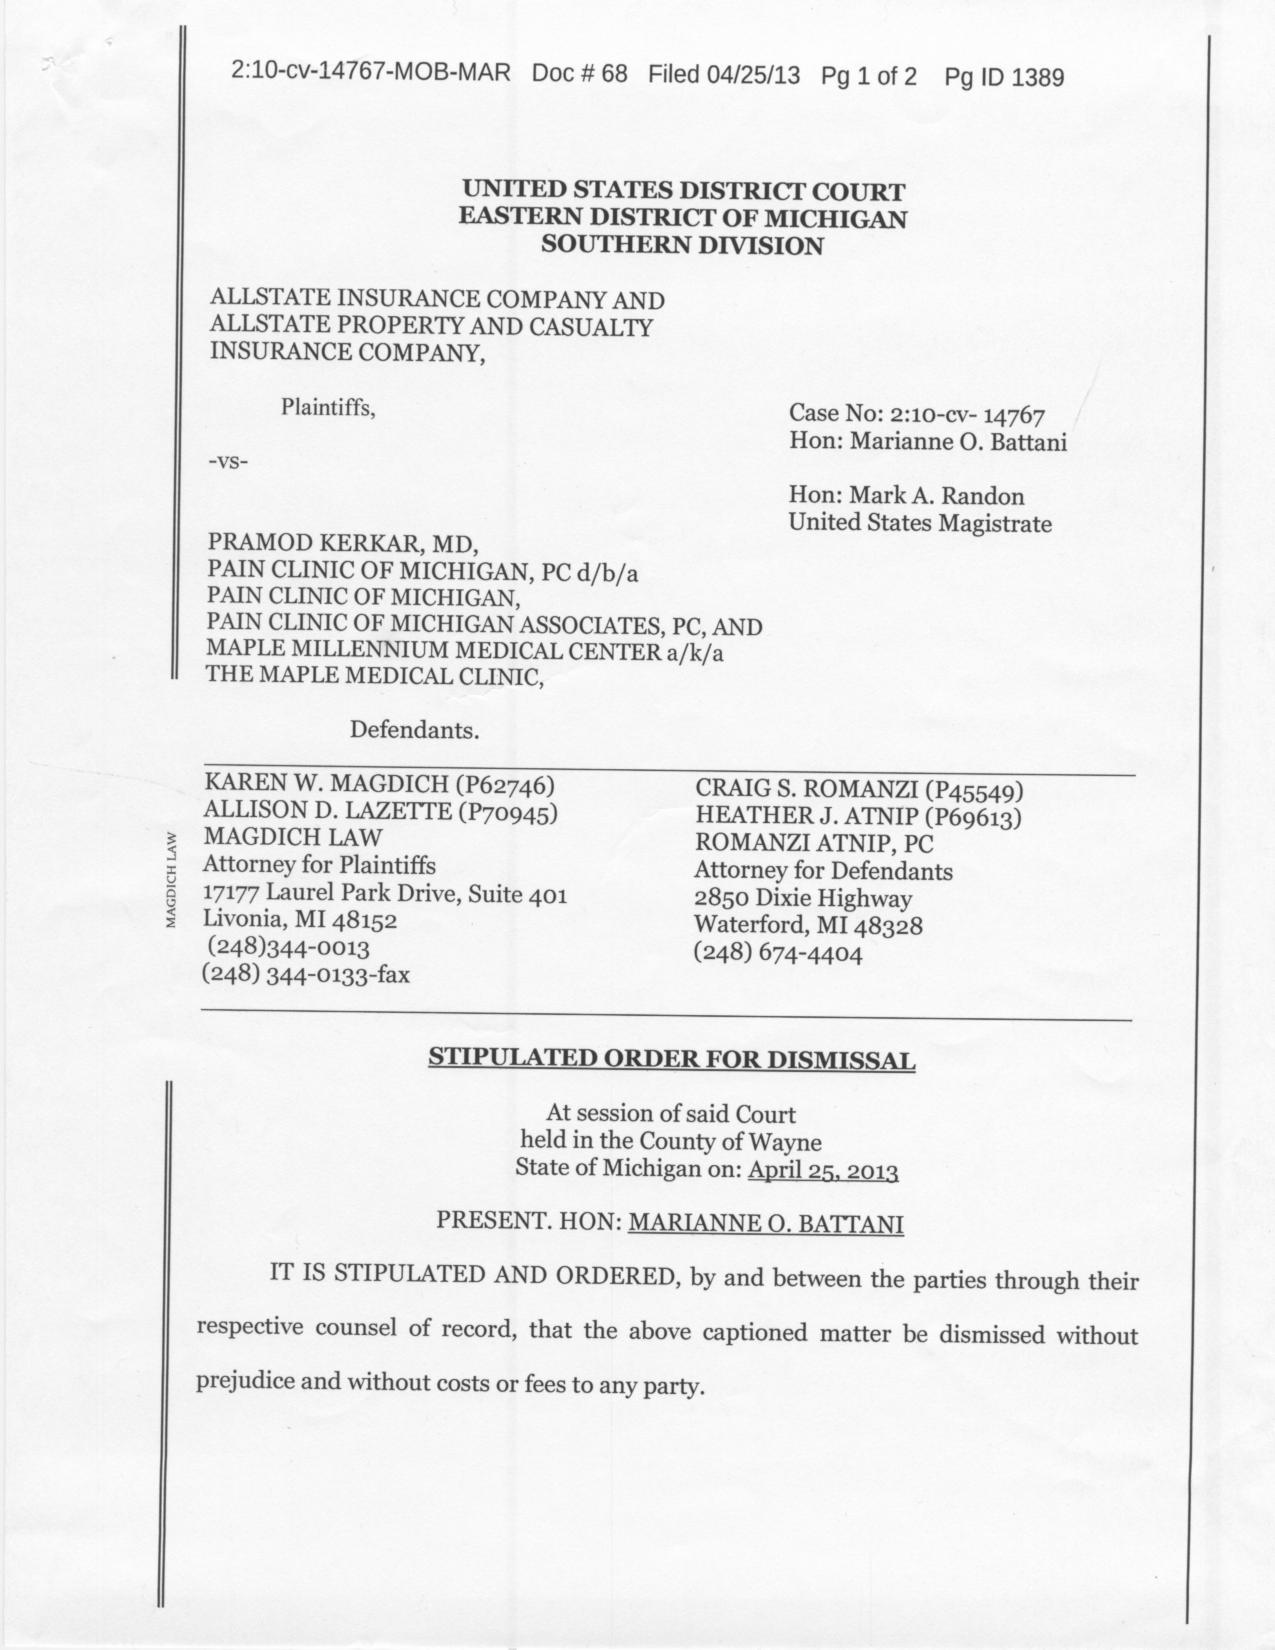 Pramod Kerkar, MD Vs Allstate: Dismissal of Lawsuit 2013